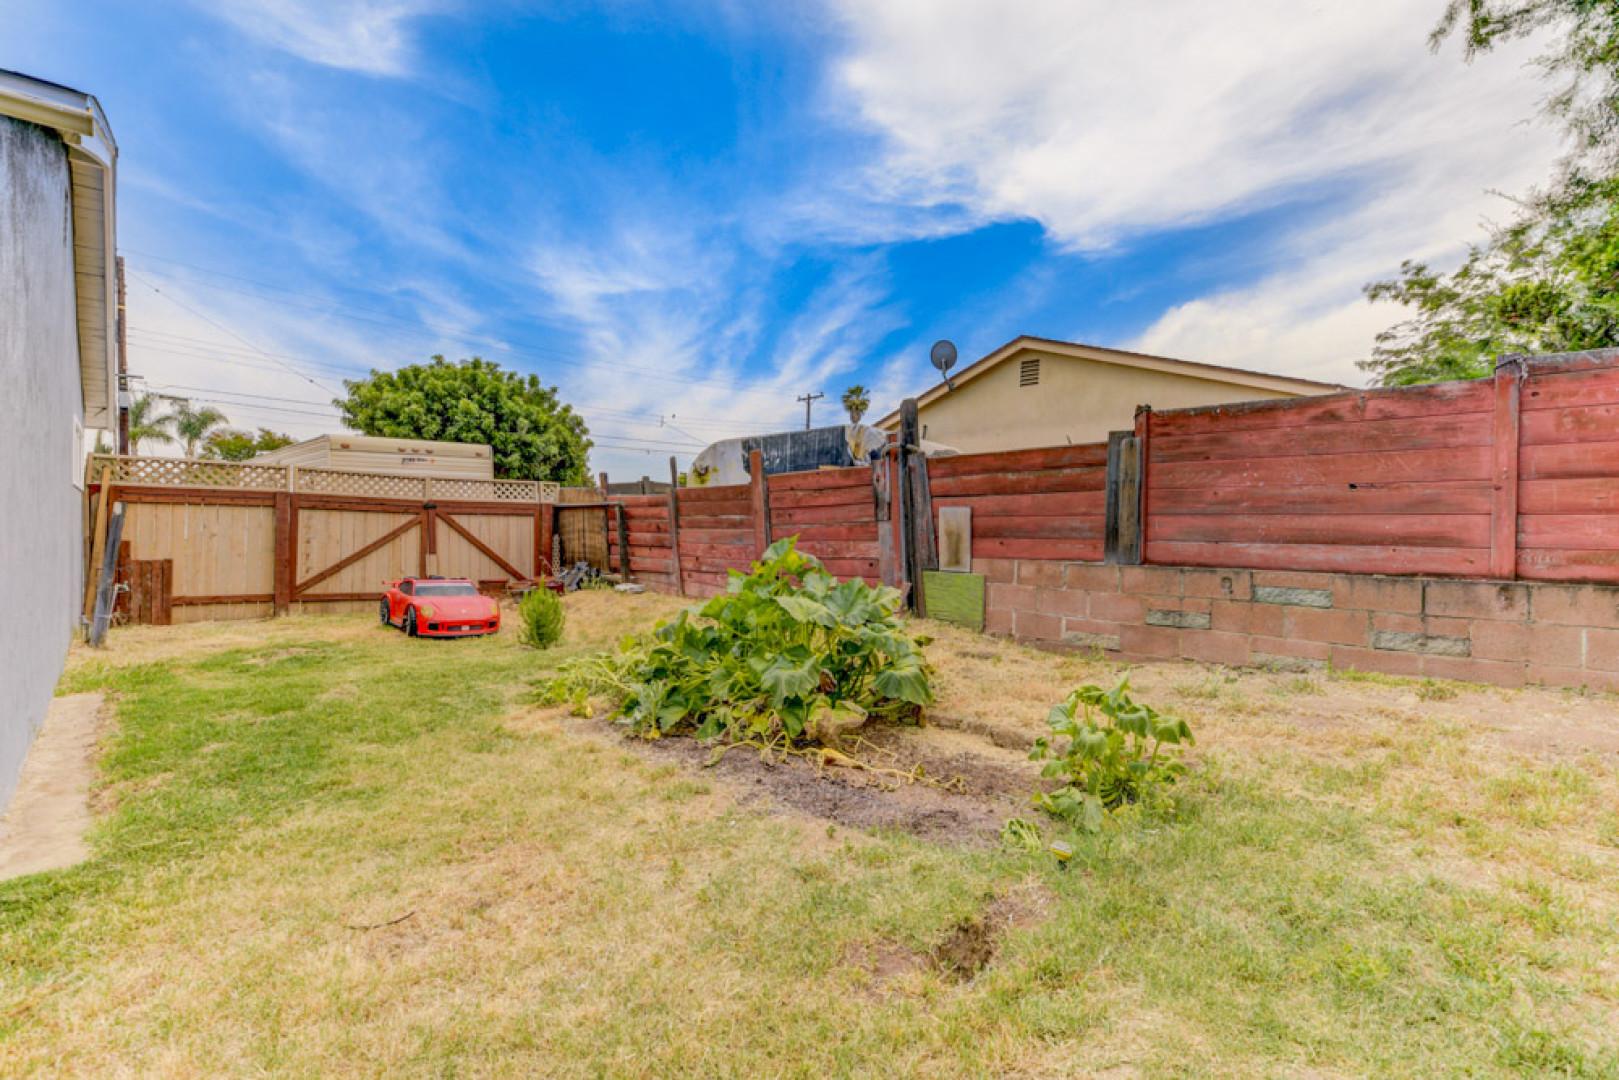 914 Taft Ave, El Cajon, California 92020